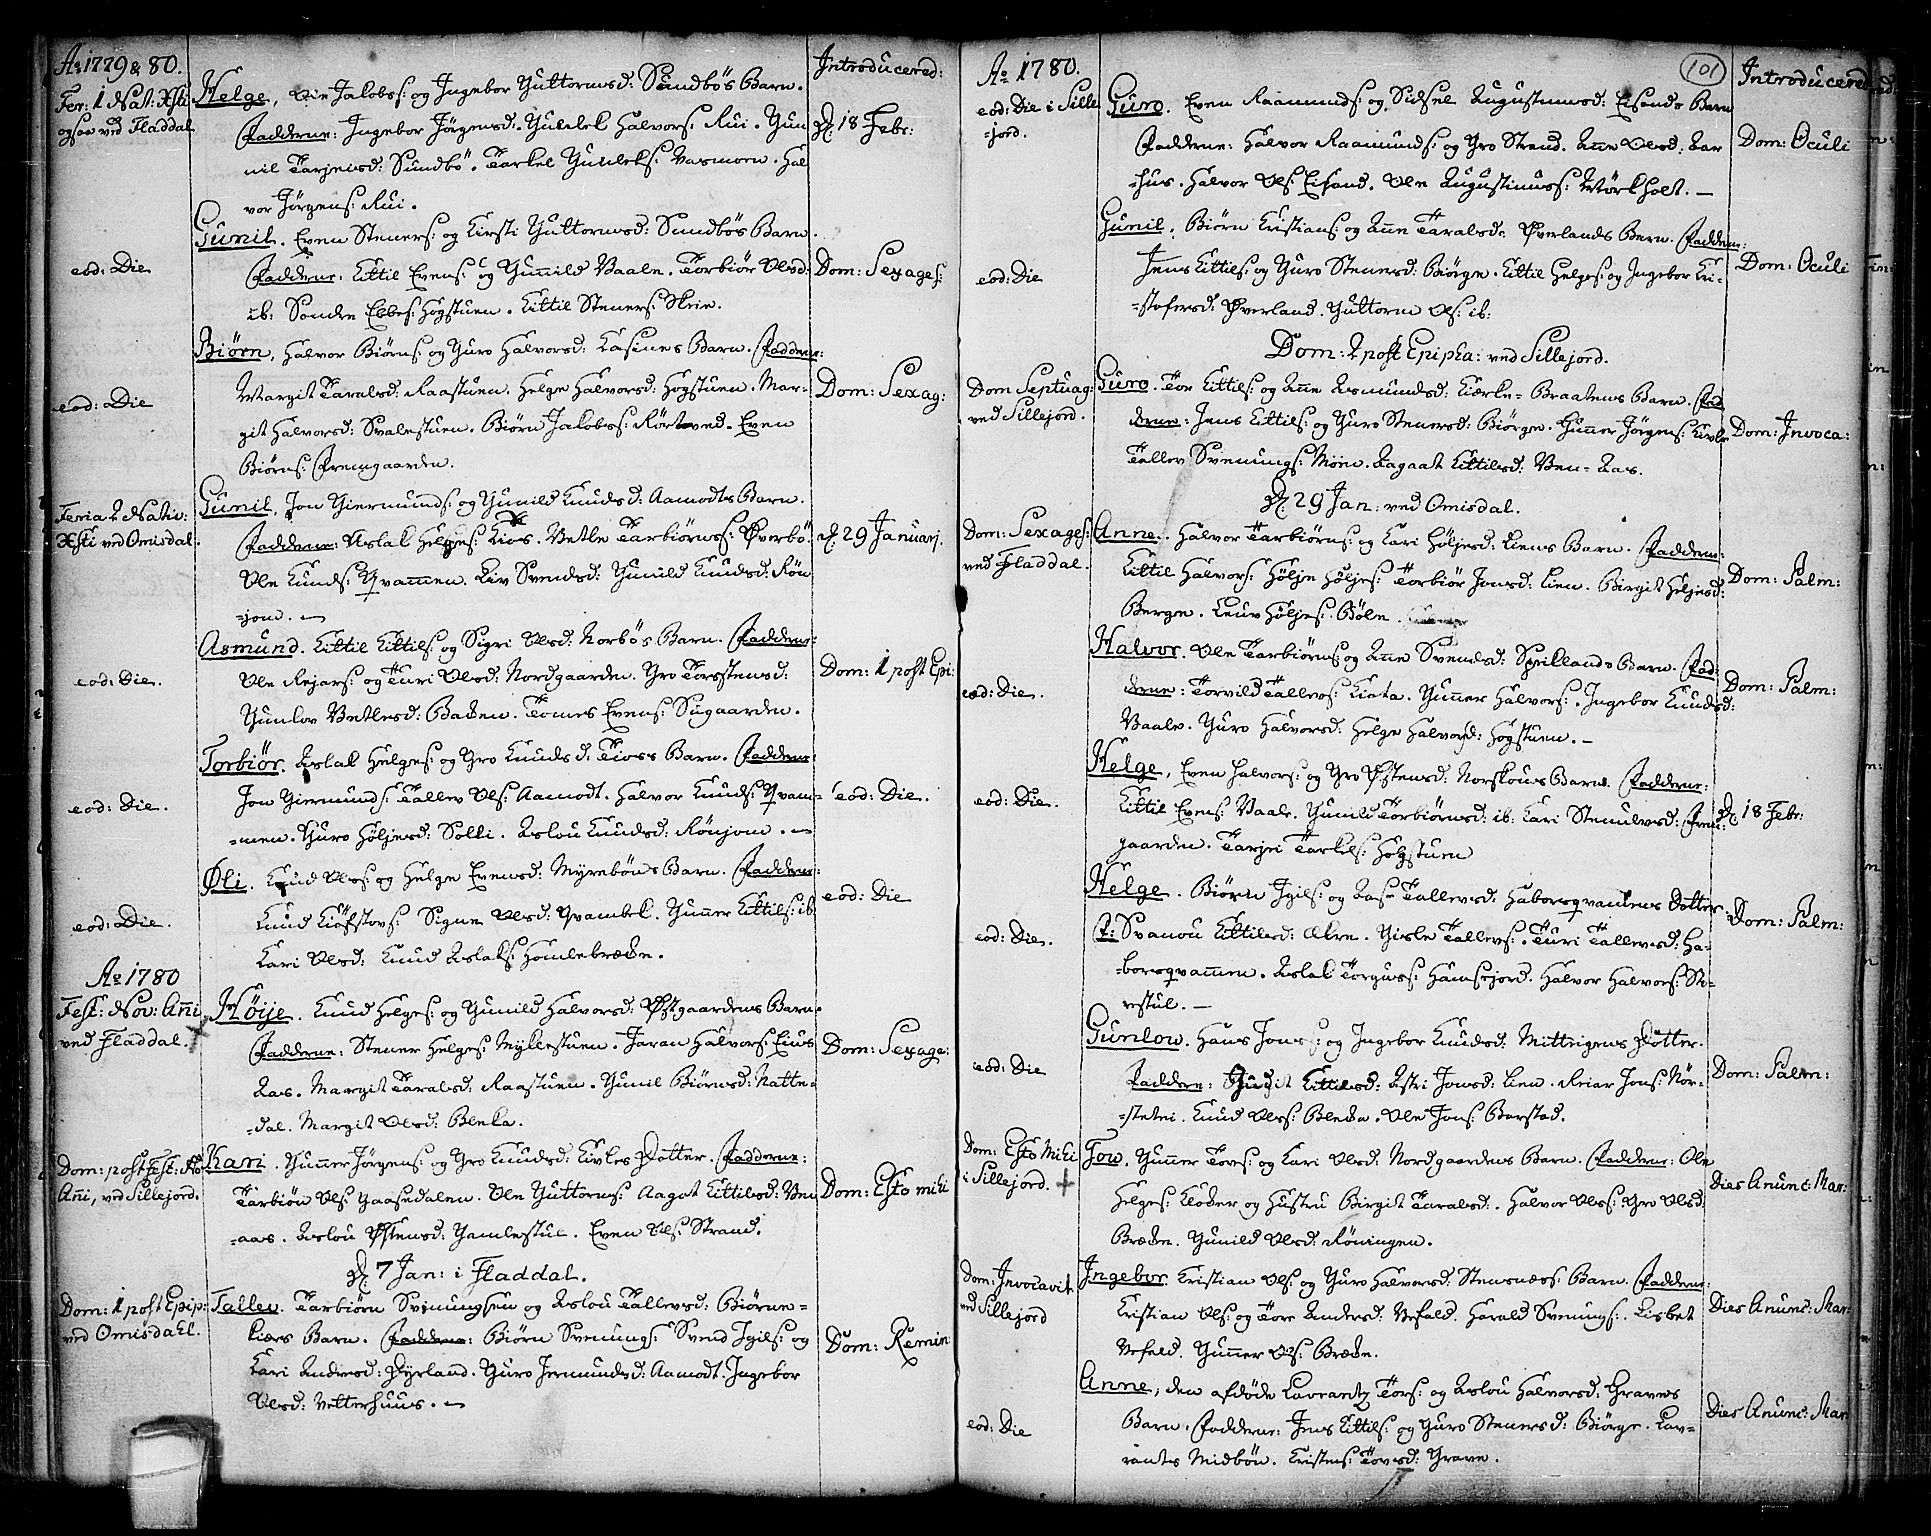 SAKO, Seljord kirkebøker, F/Fa/L0007: Ministerialbok nr. I 7, 1755-1800, s. 101